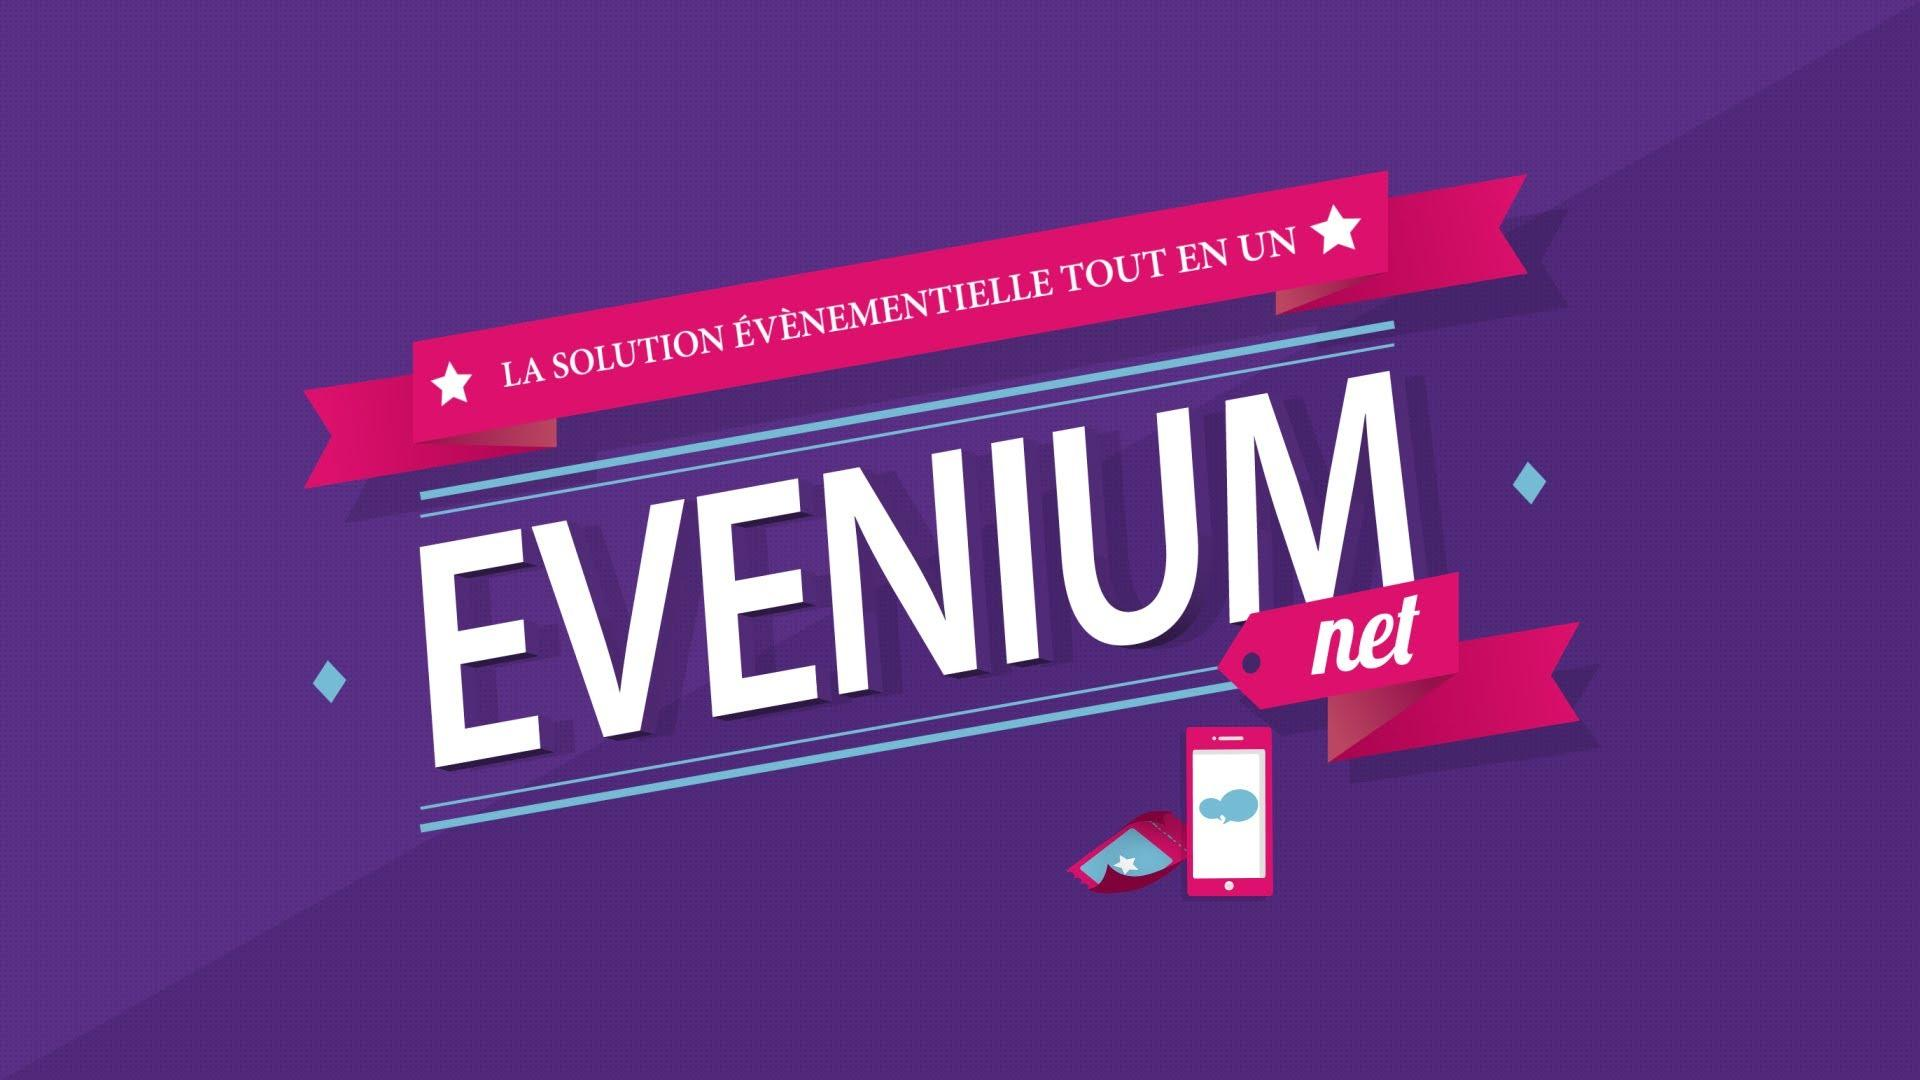 Avis Evenium Net : Logiciel de gestion d'événements, envoi d'invitations - appvizer